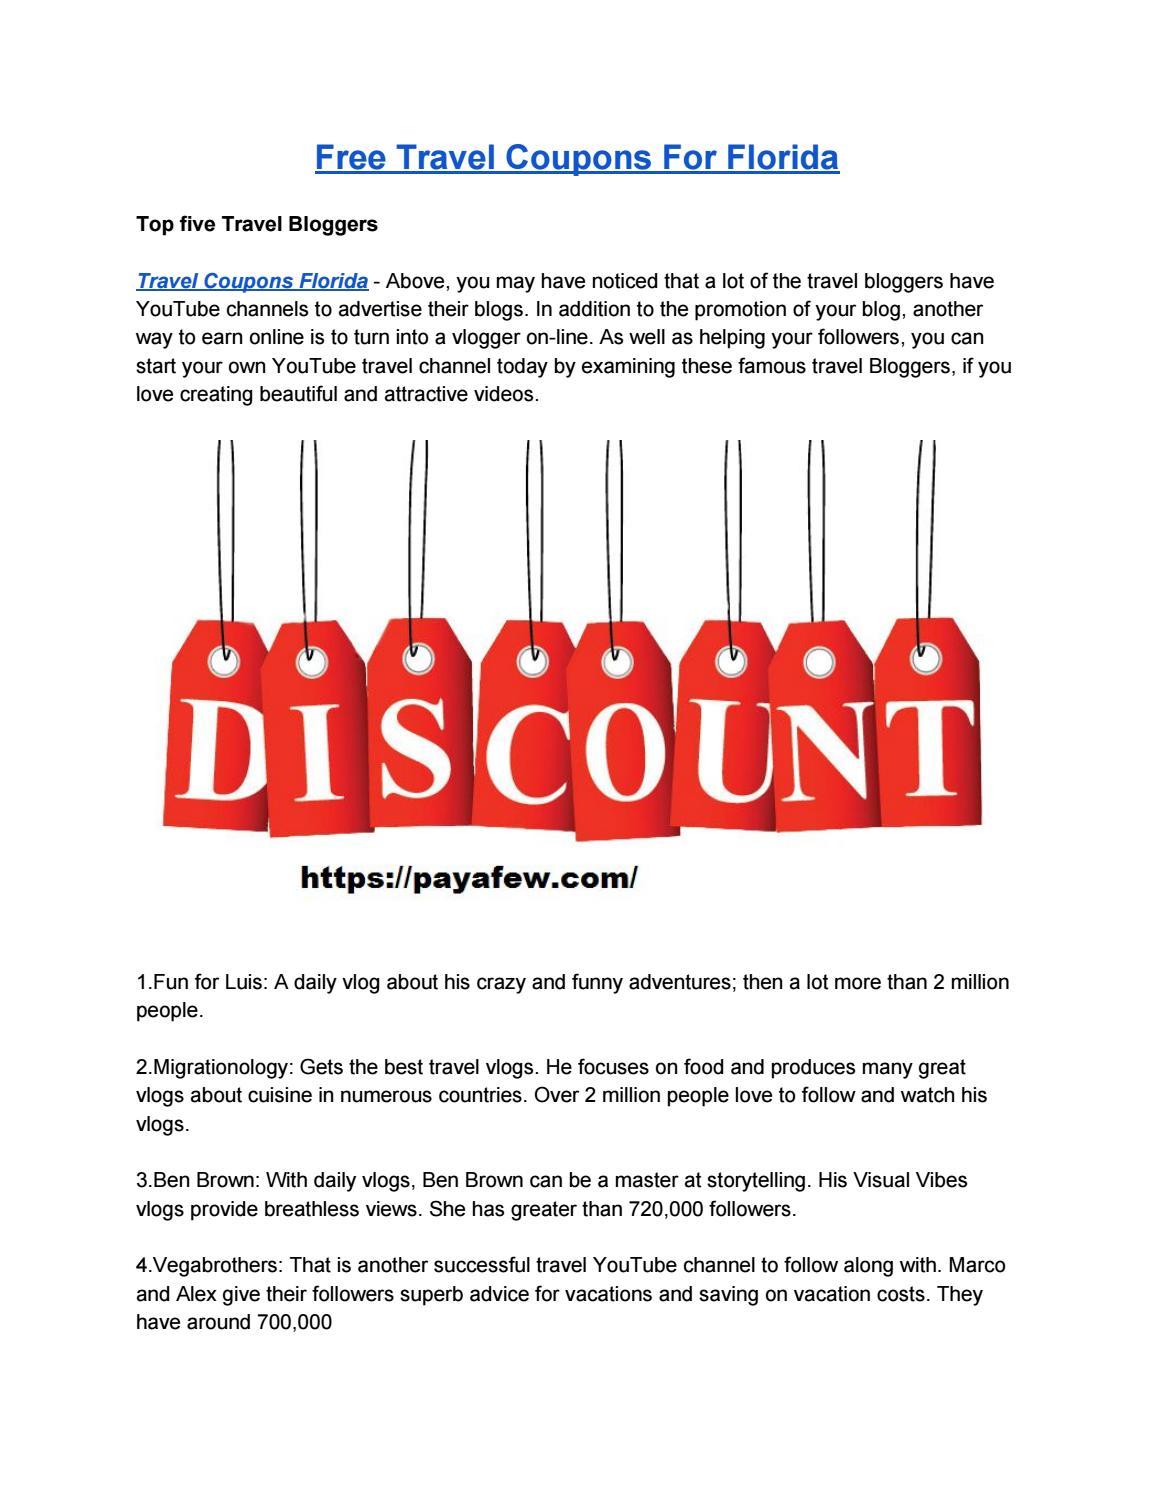 discount travel coupons florida